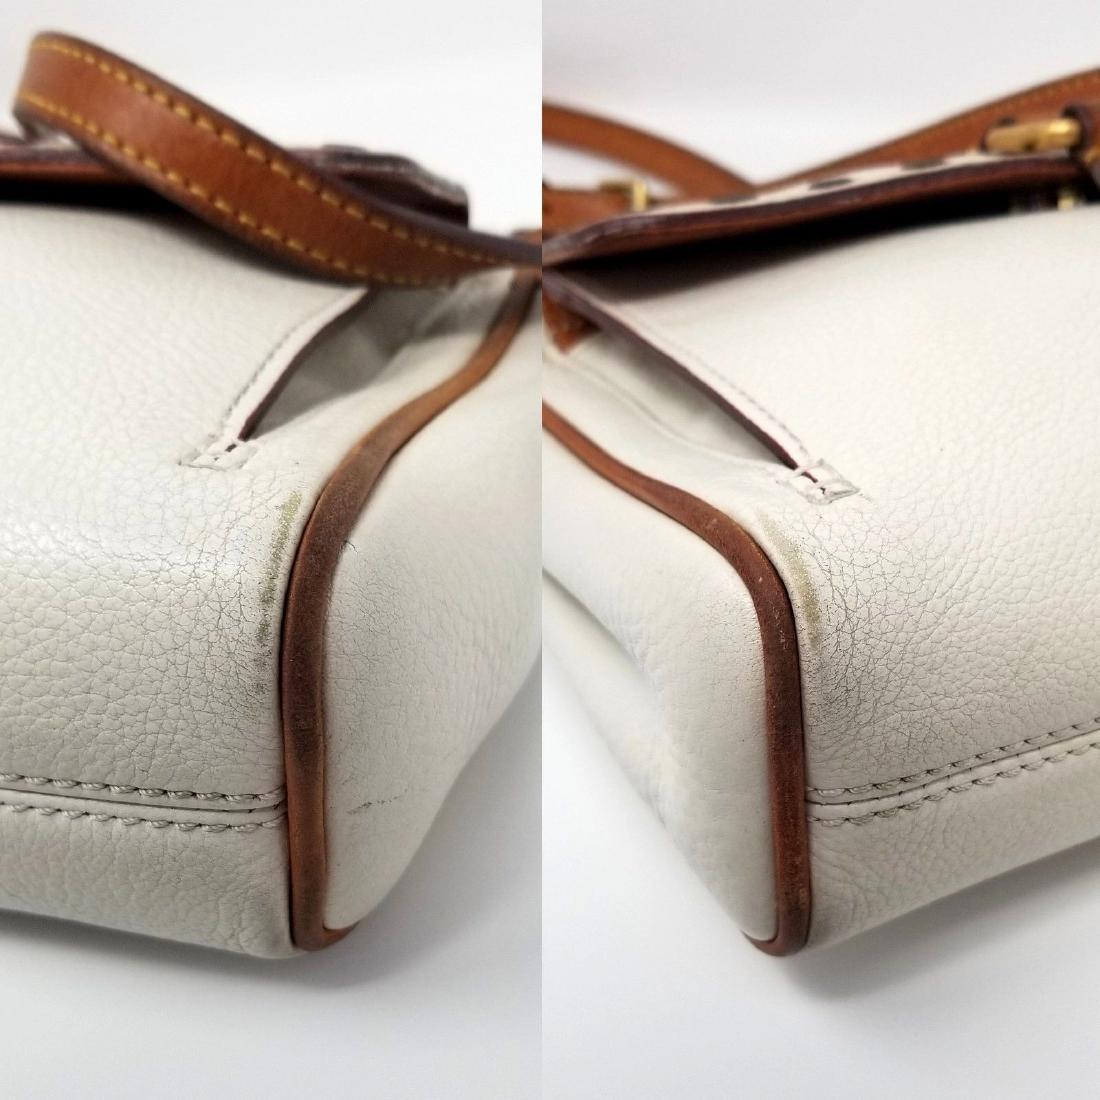 Dooney and Bourke Handbag Leather Vintage - 9